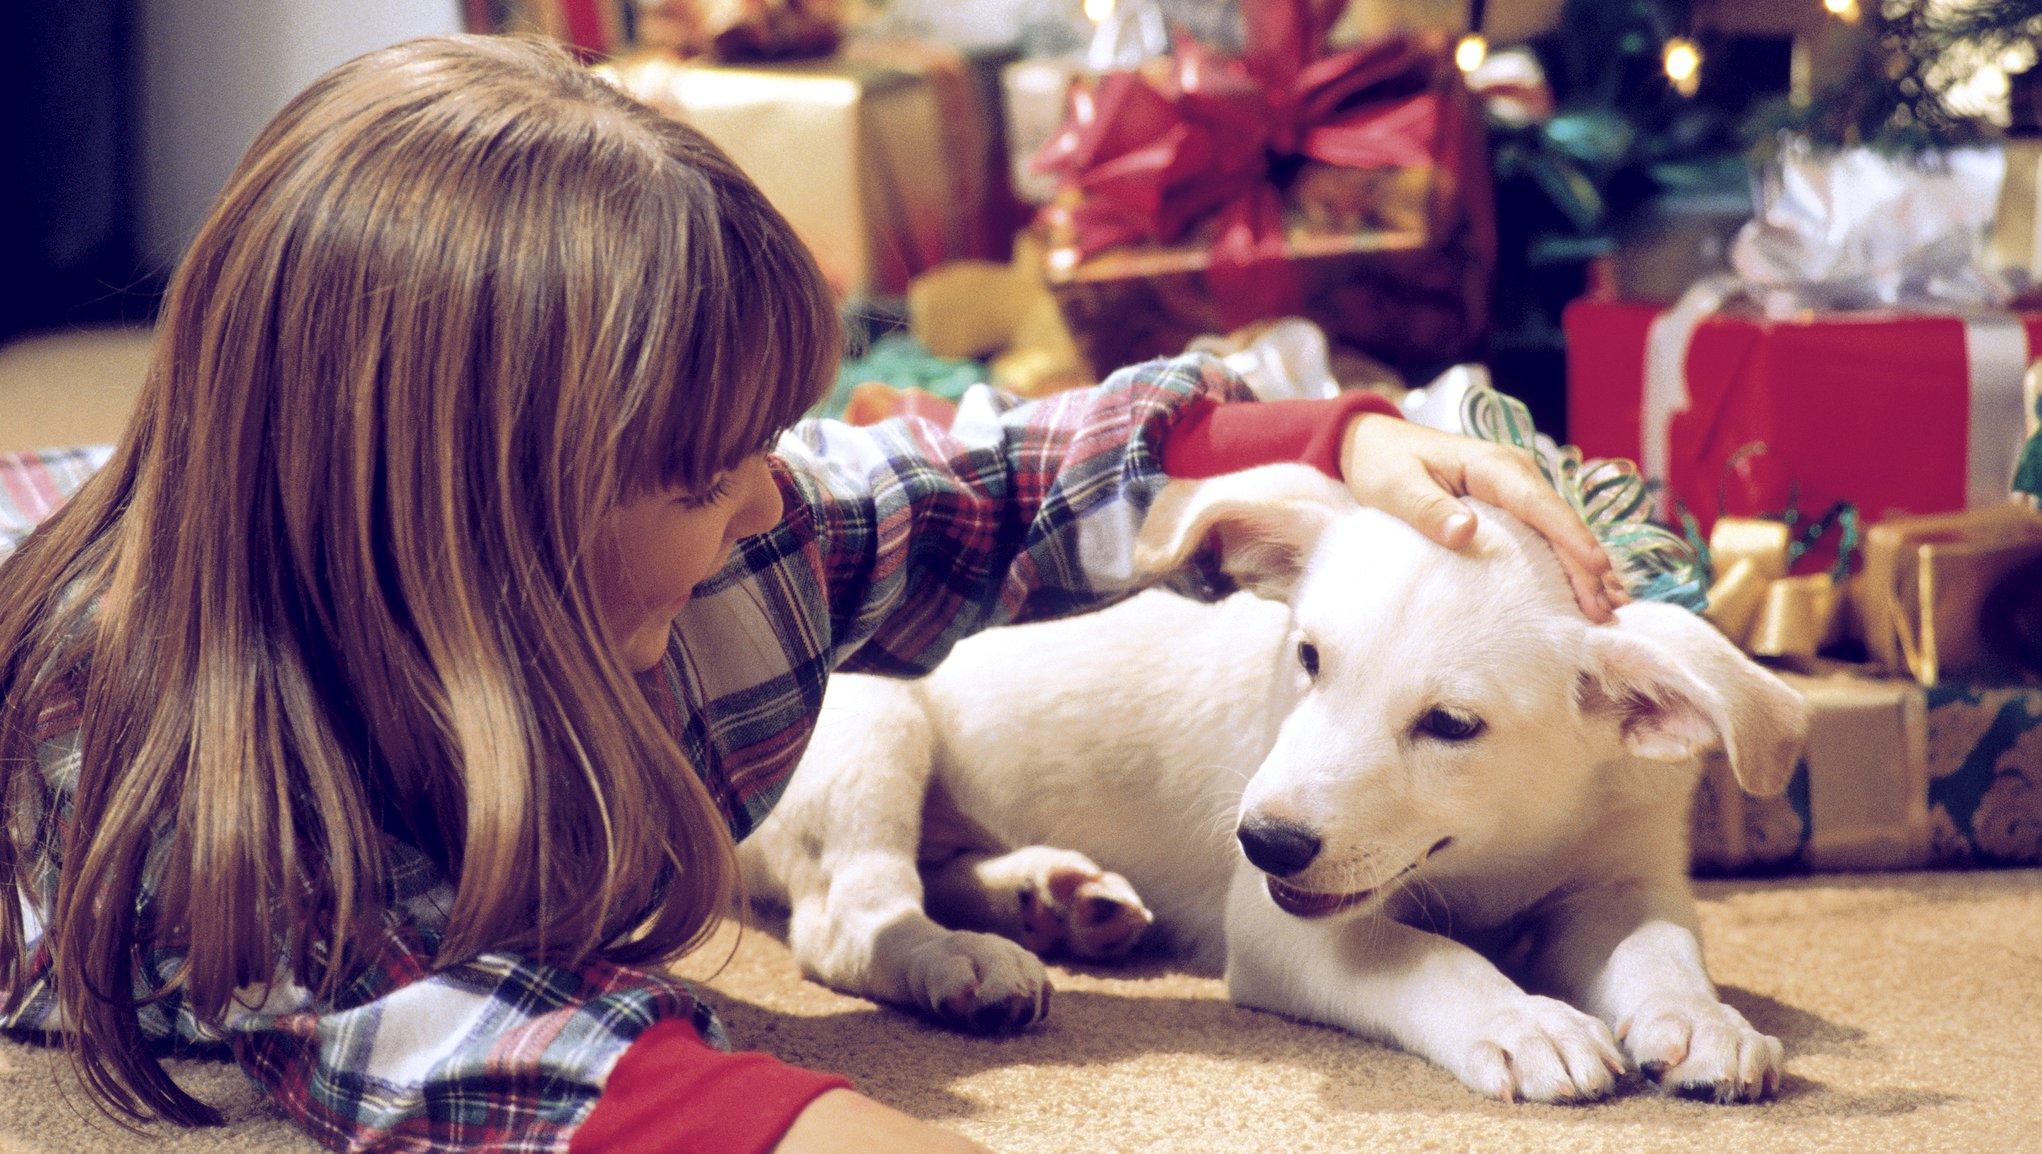 barn och valp vid julklappar